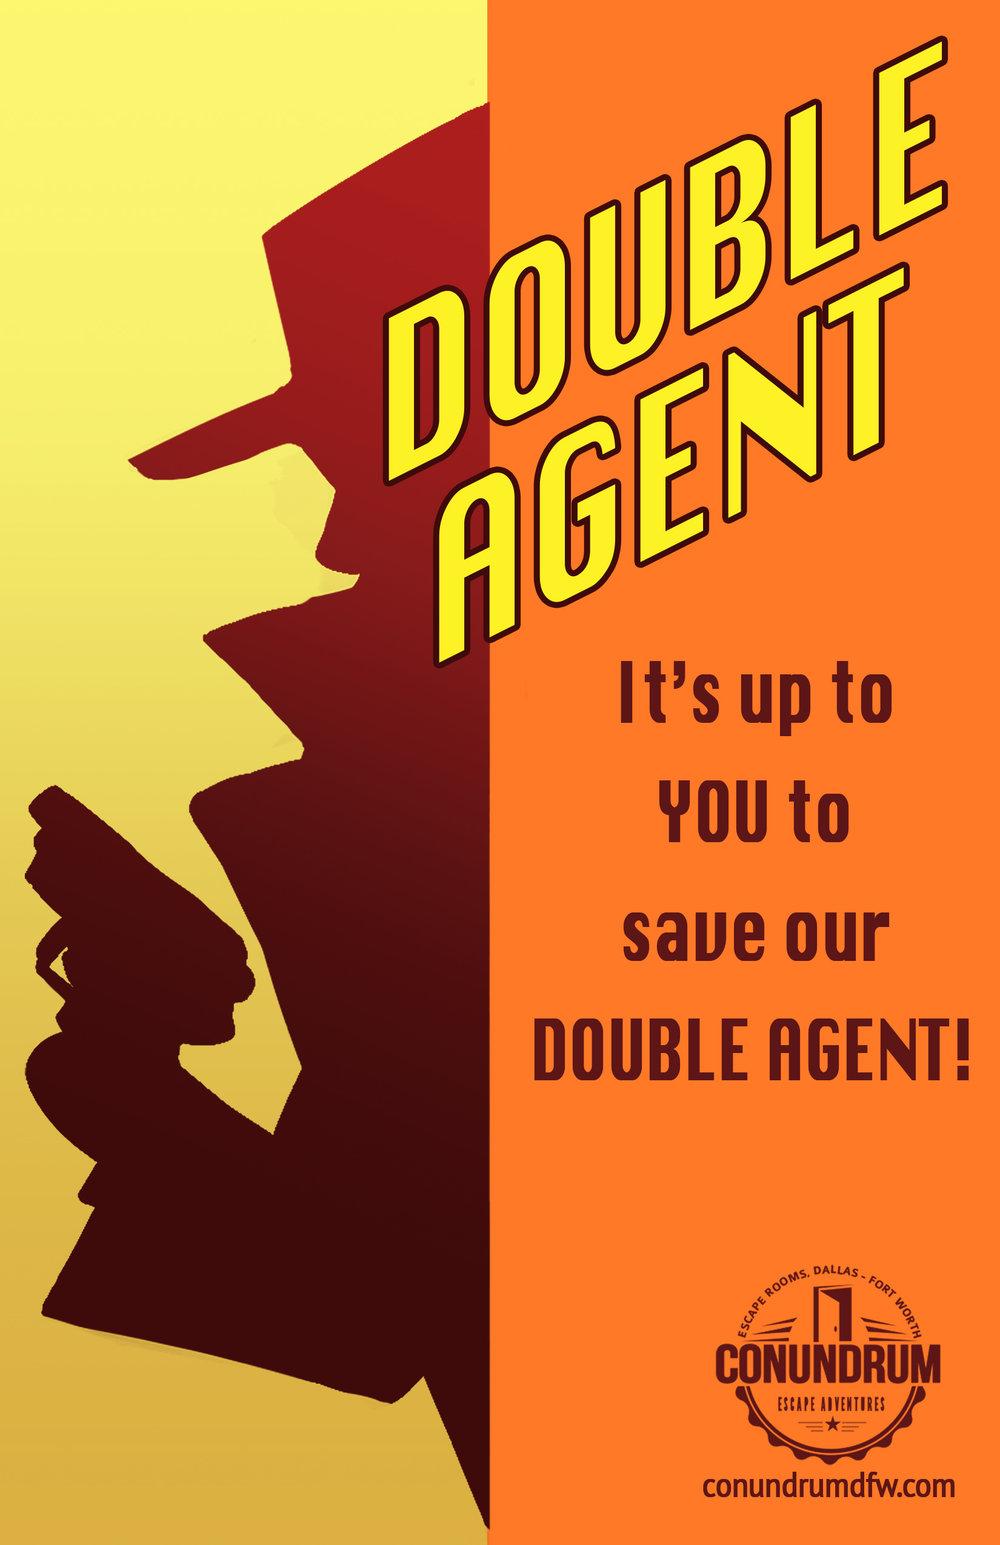 DanVogel_DoubleAgent.jpg